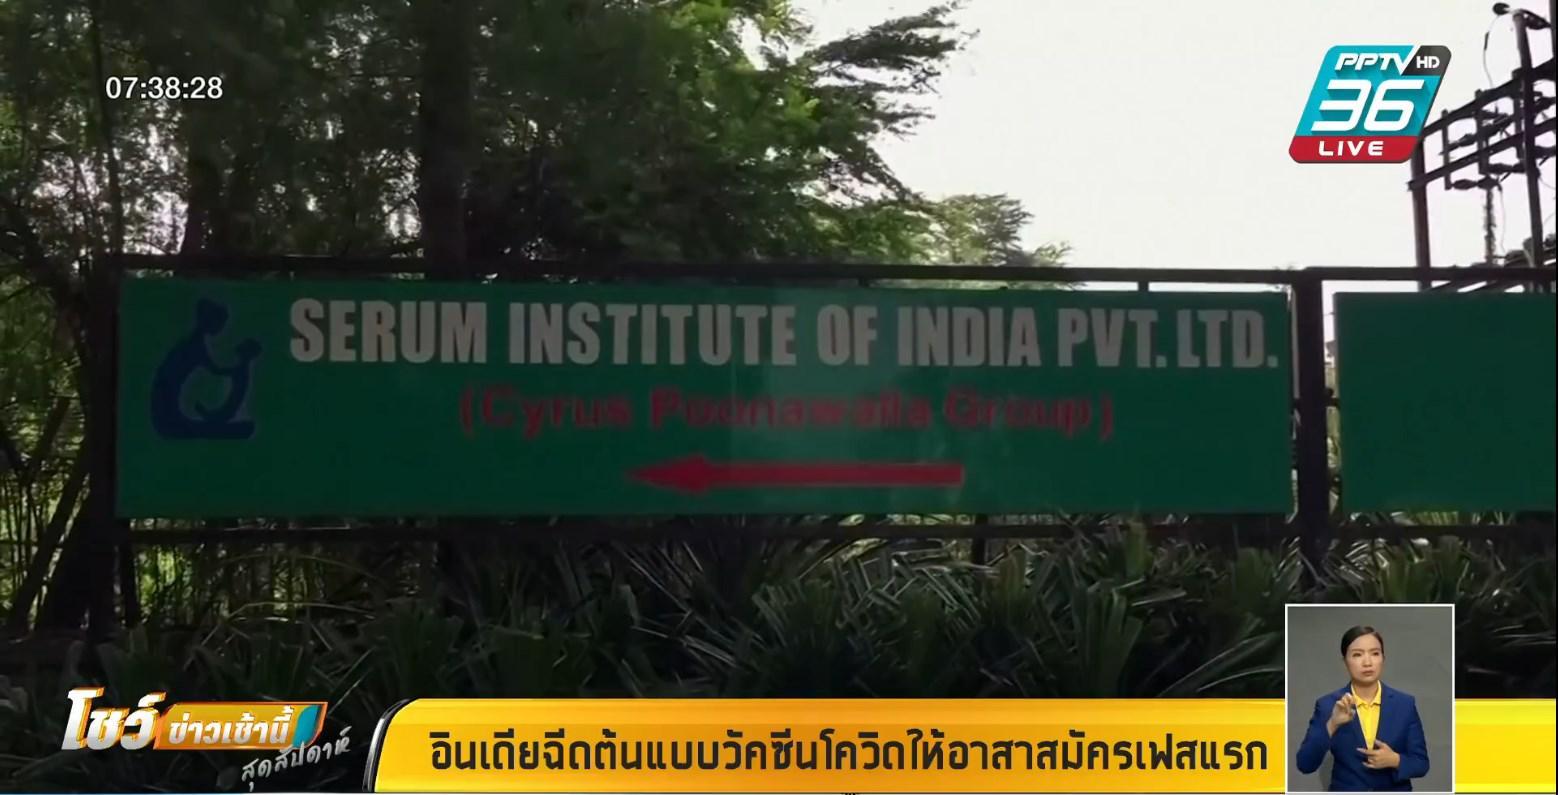 อินเดีย ฉีดต้นแบบวัคซีนโควิด-19 ให้อาสาสมัครเฟสแรก